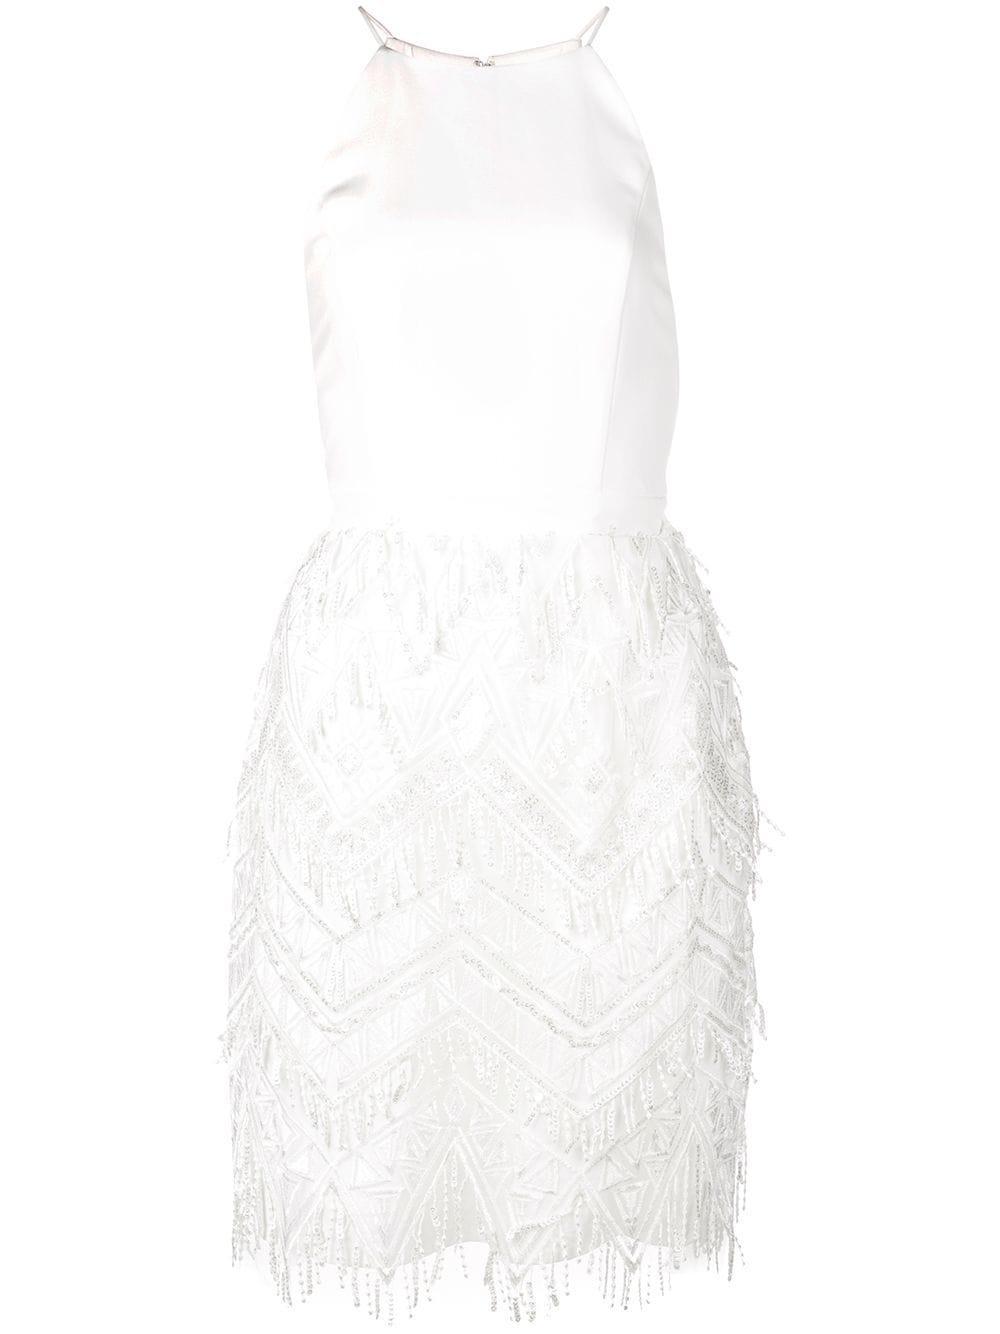 High Neck Embroidered Fringe Dress Item # MN1E203632-S20